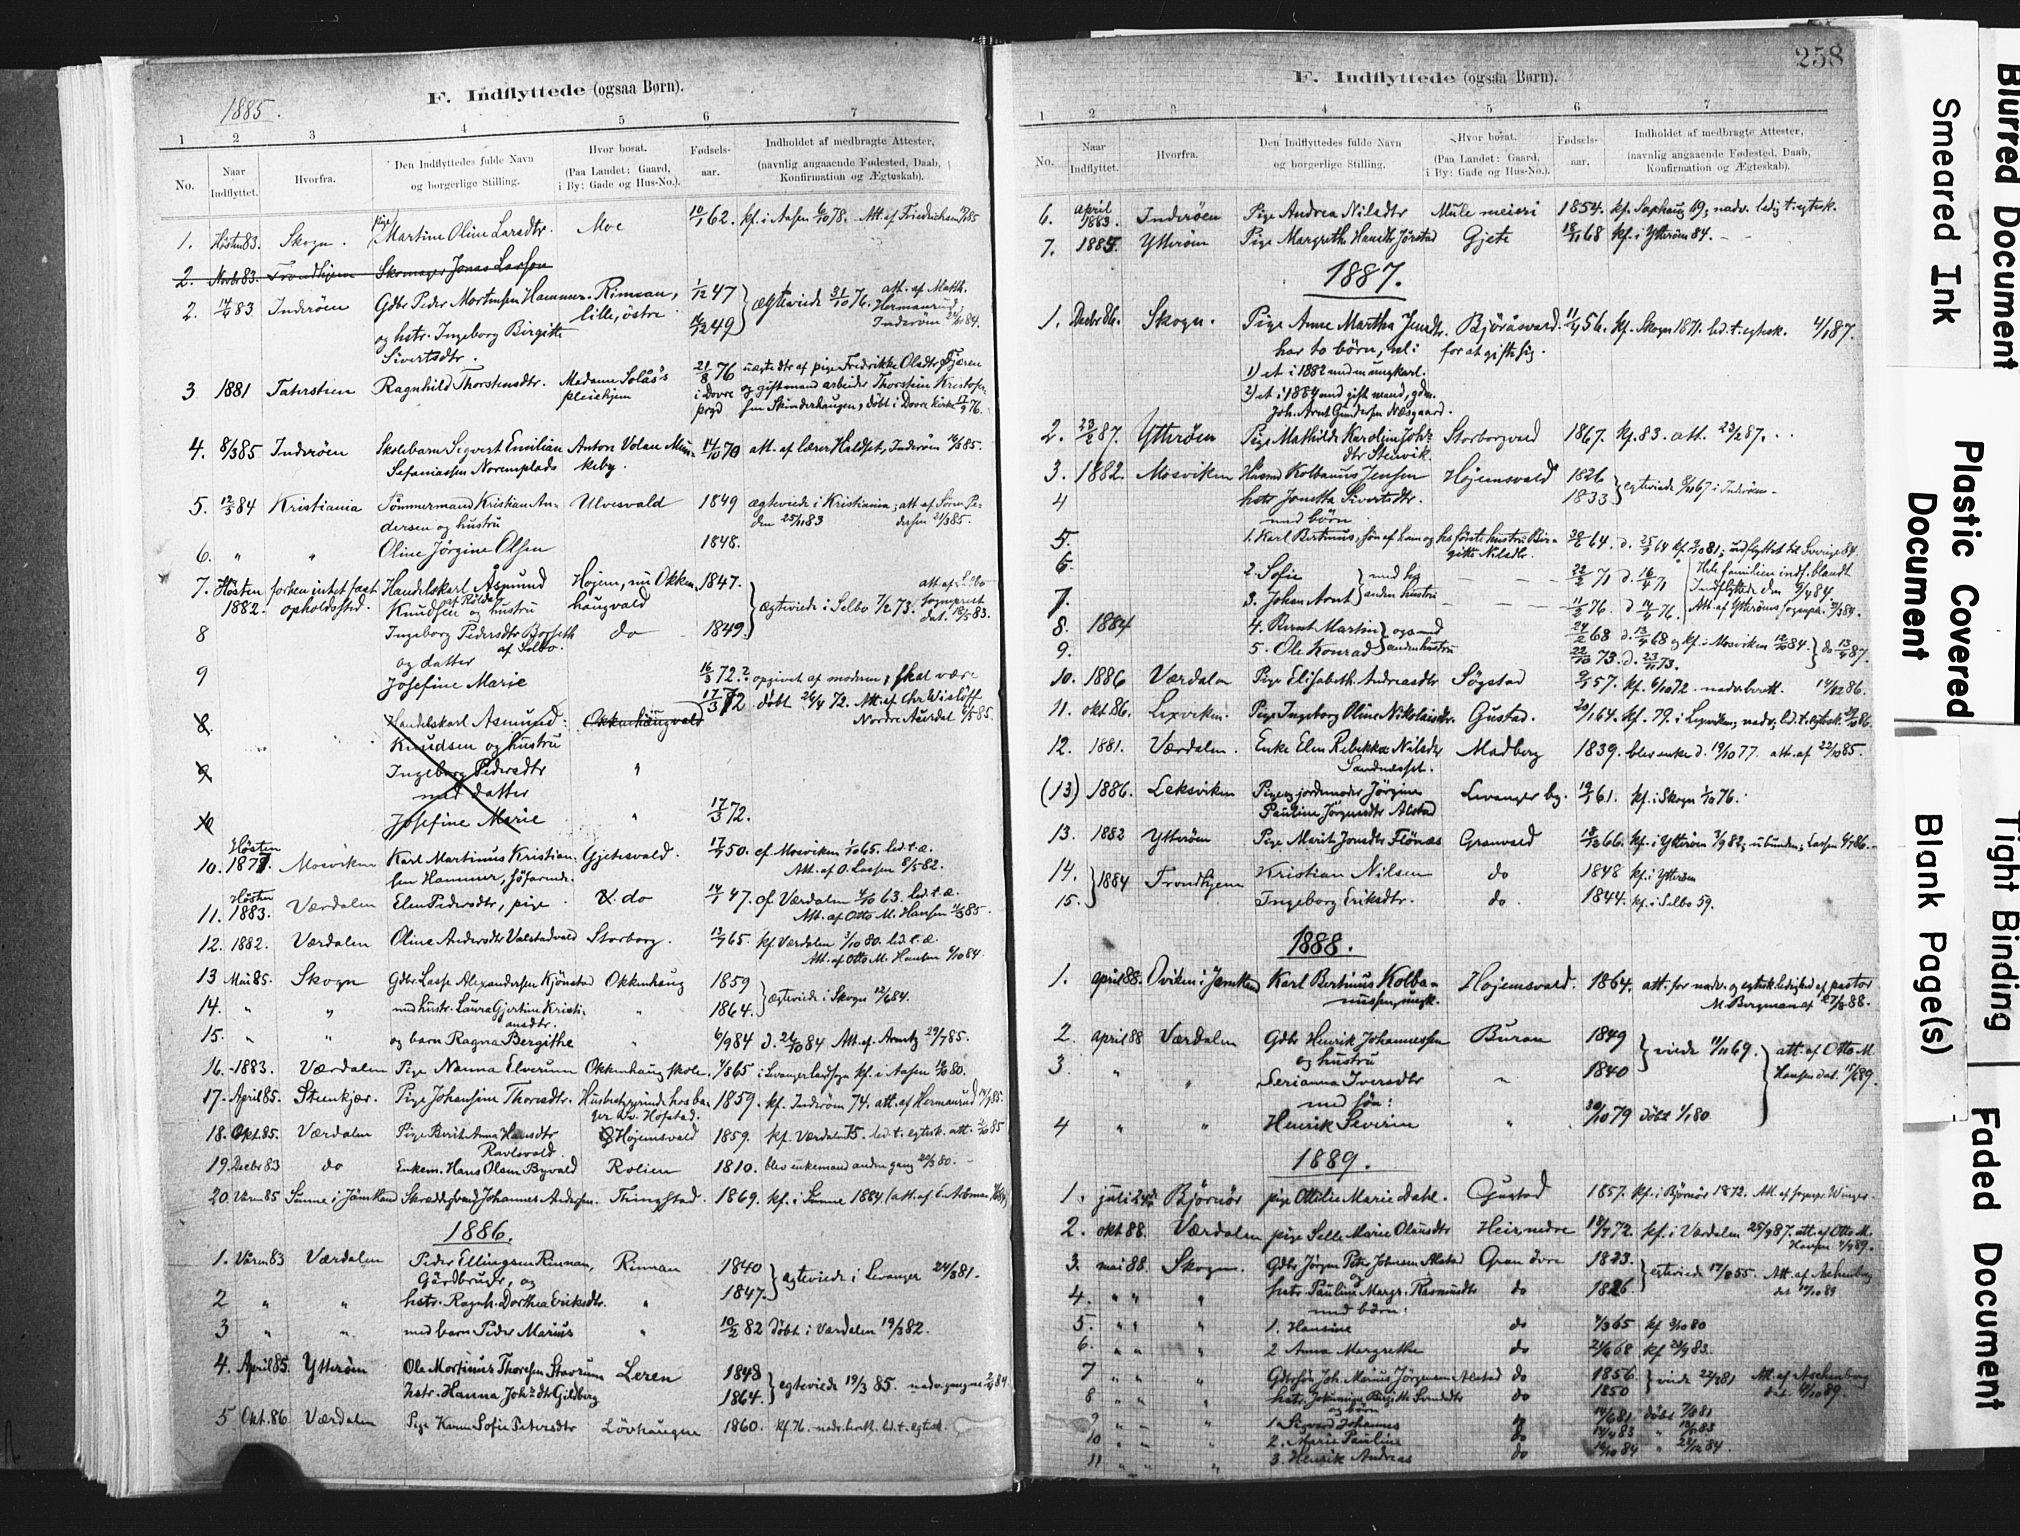 SAT, Ministerialprotokoller, klokkerbøker og fødselsregistre - Nord-Trøndelag, 721/L0207: Ministerialbok nr. 721A02, 1880-1911, s. 258